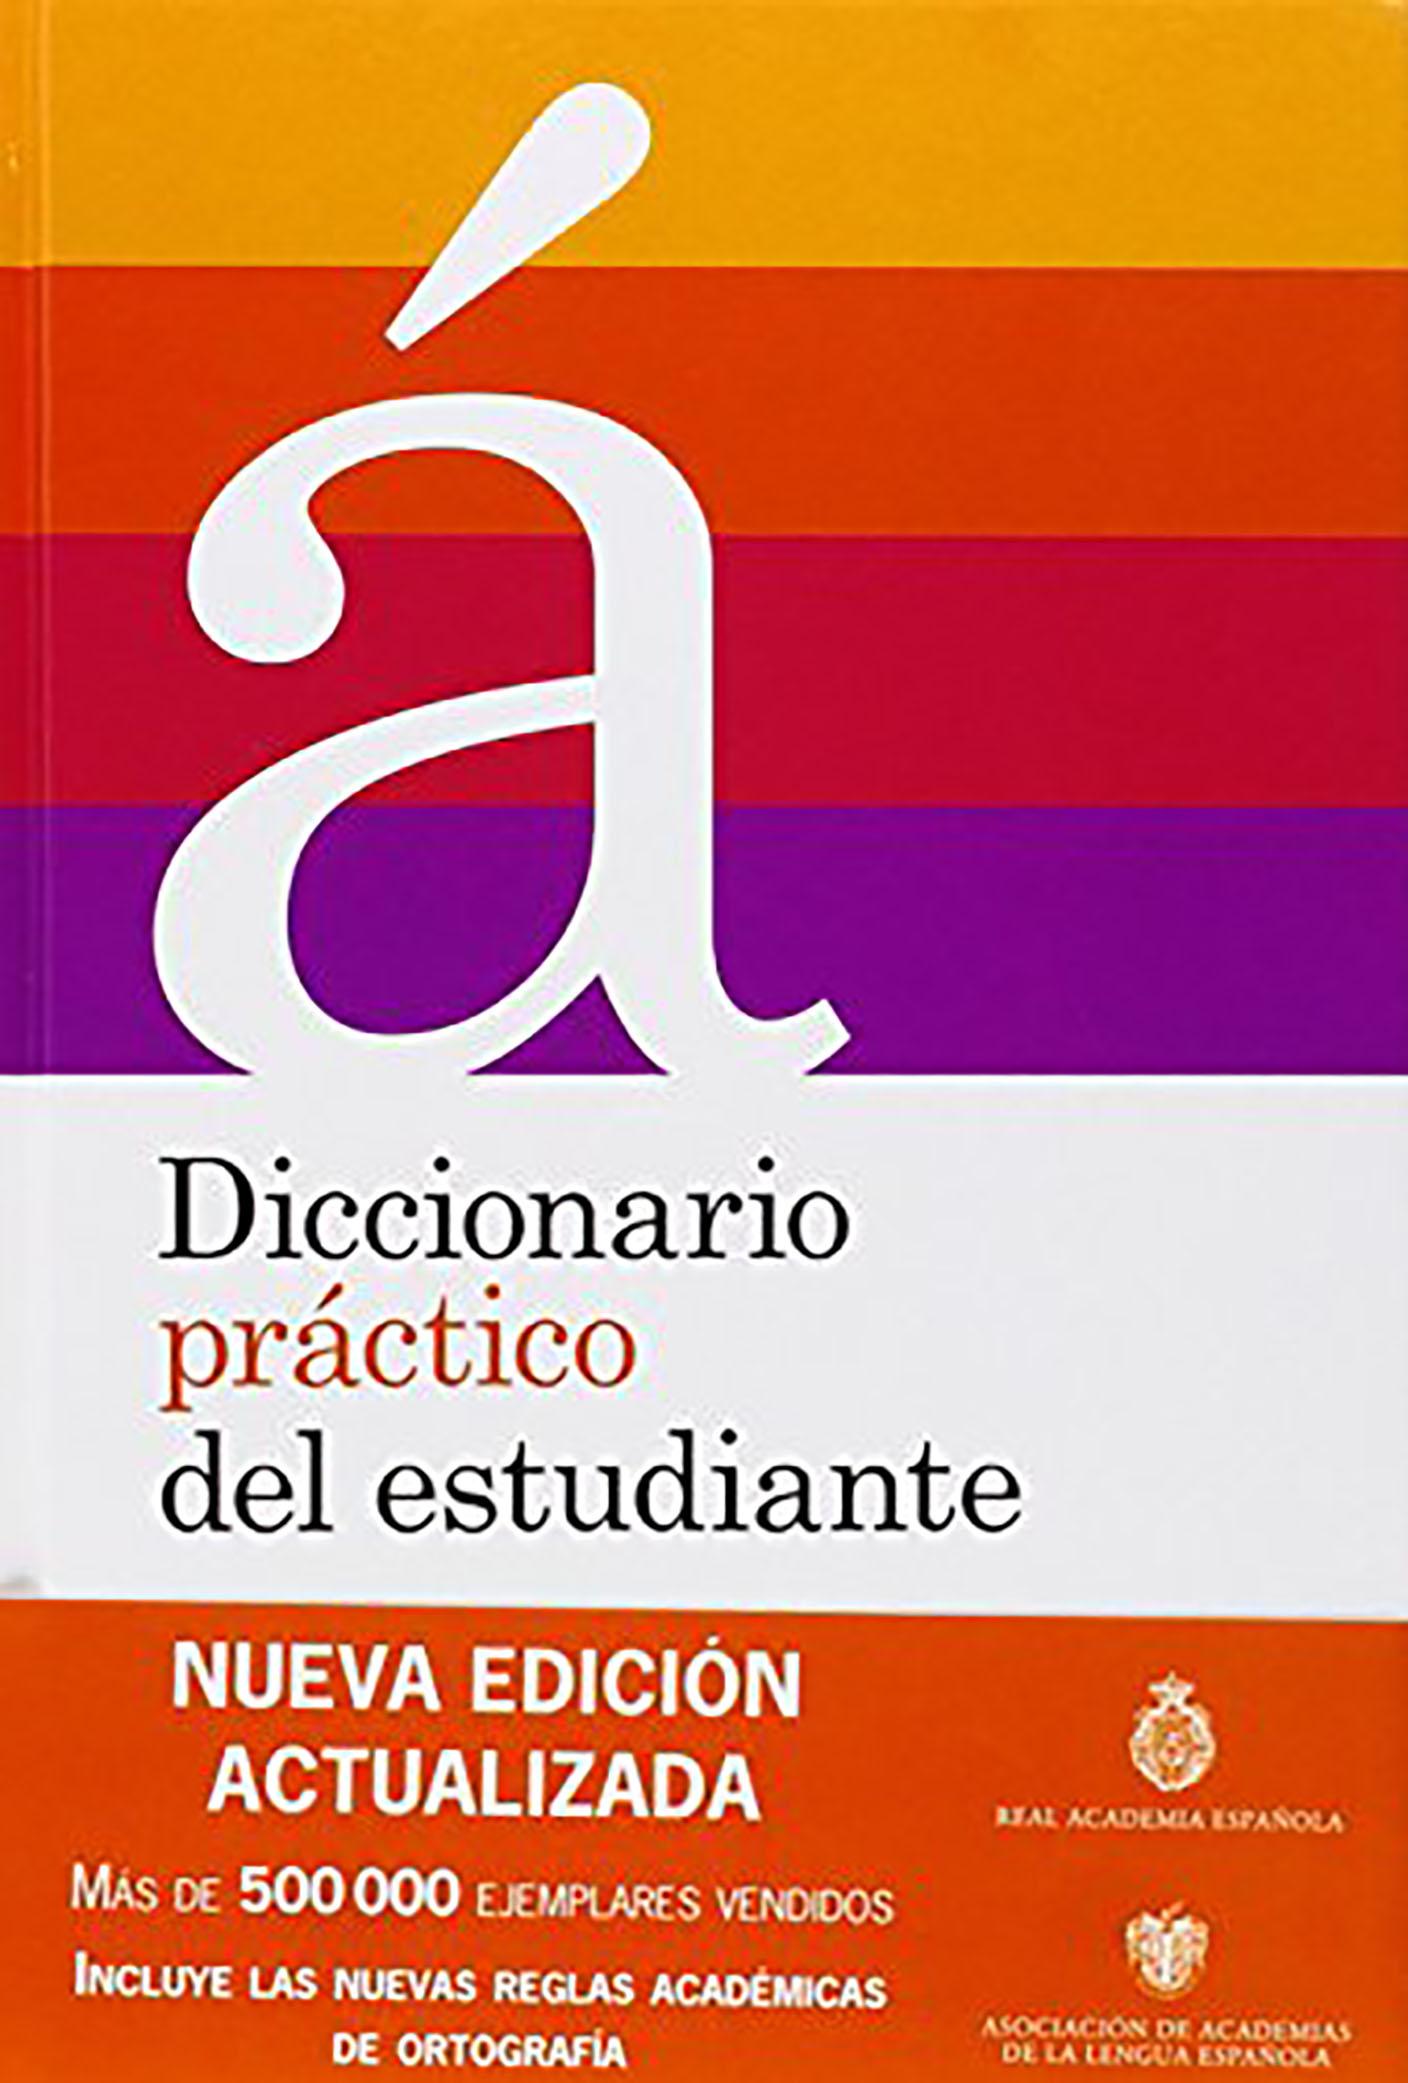 DICCIONARIO PRáCTICO DEL ESTUDIANTE (NUEVA EDICIóN)